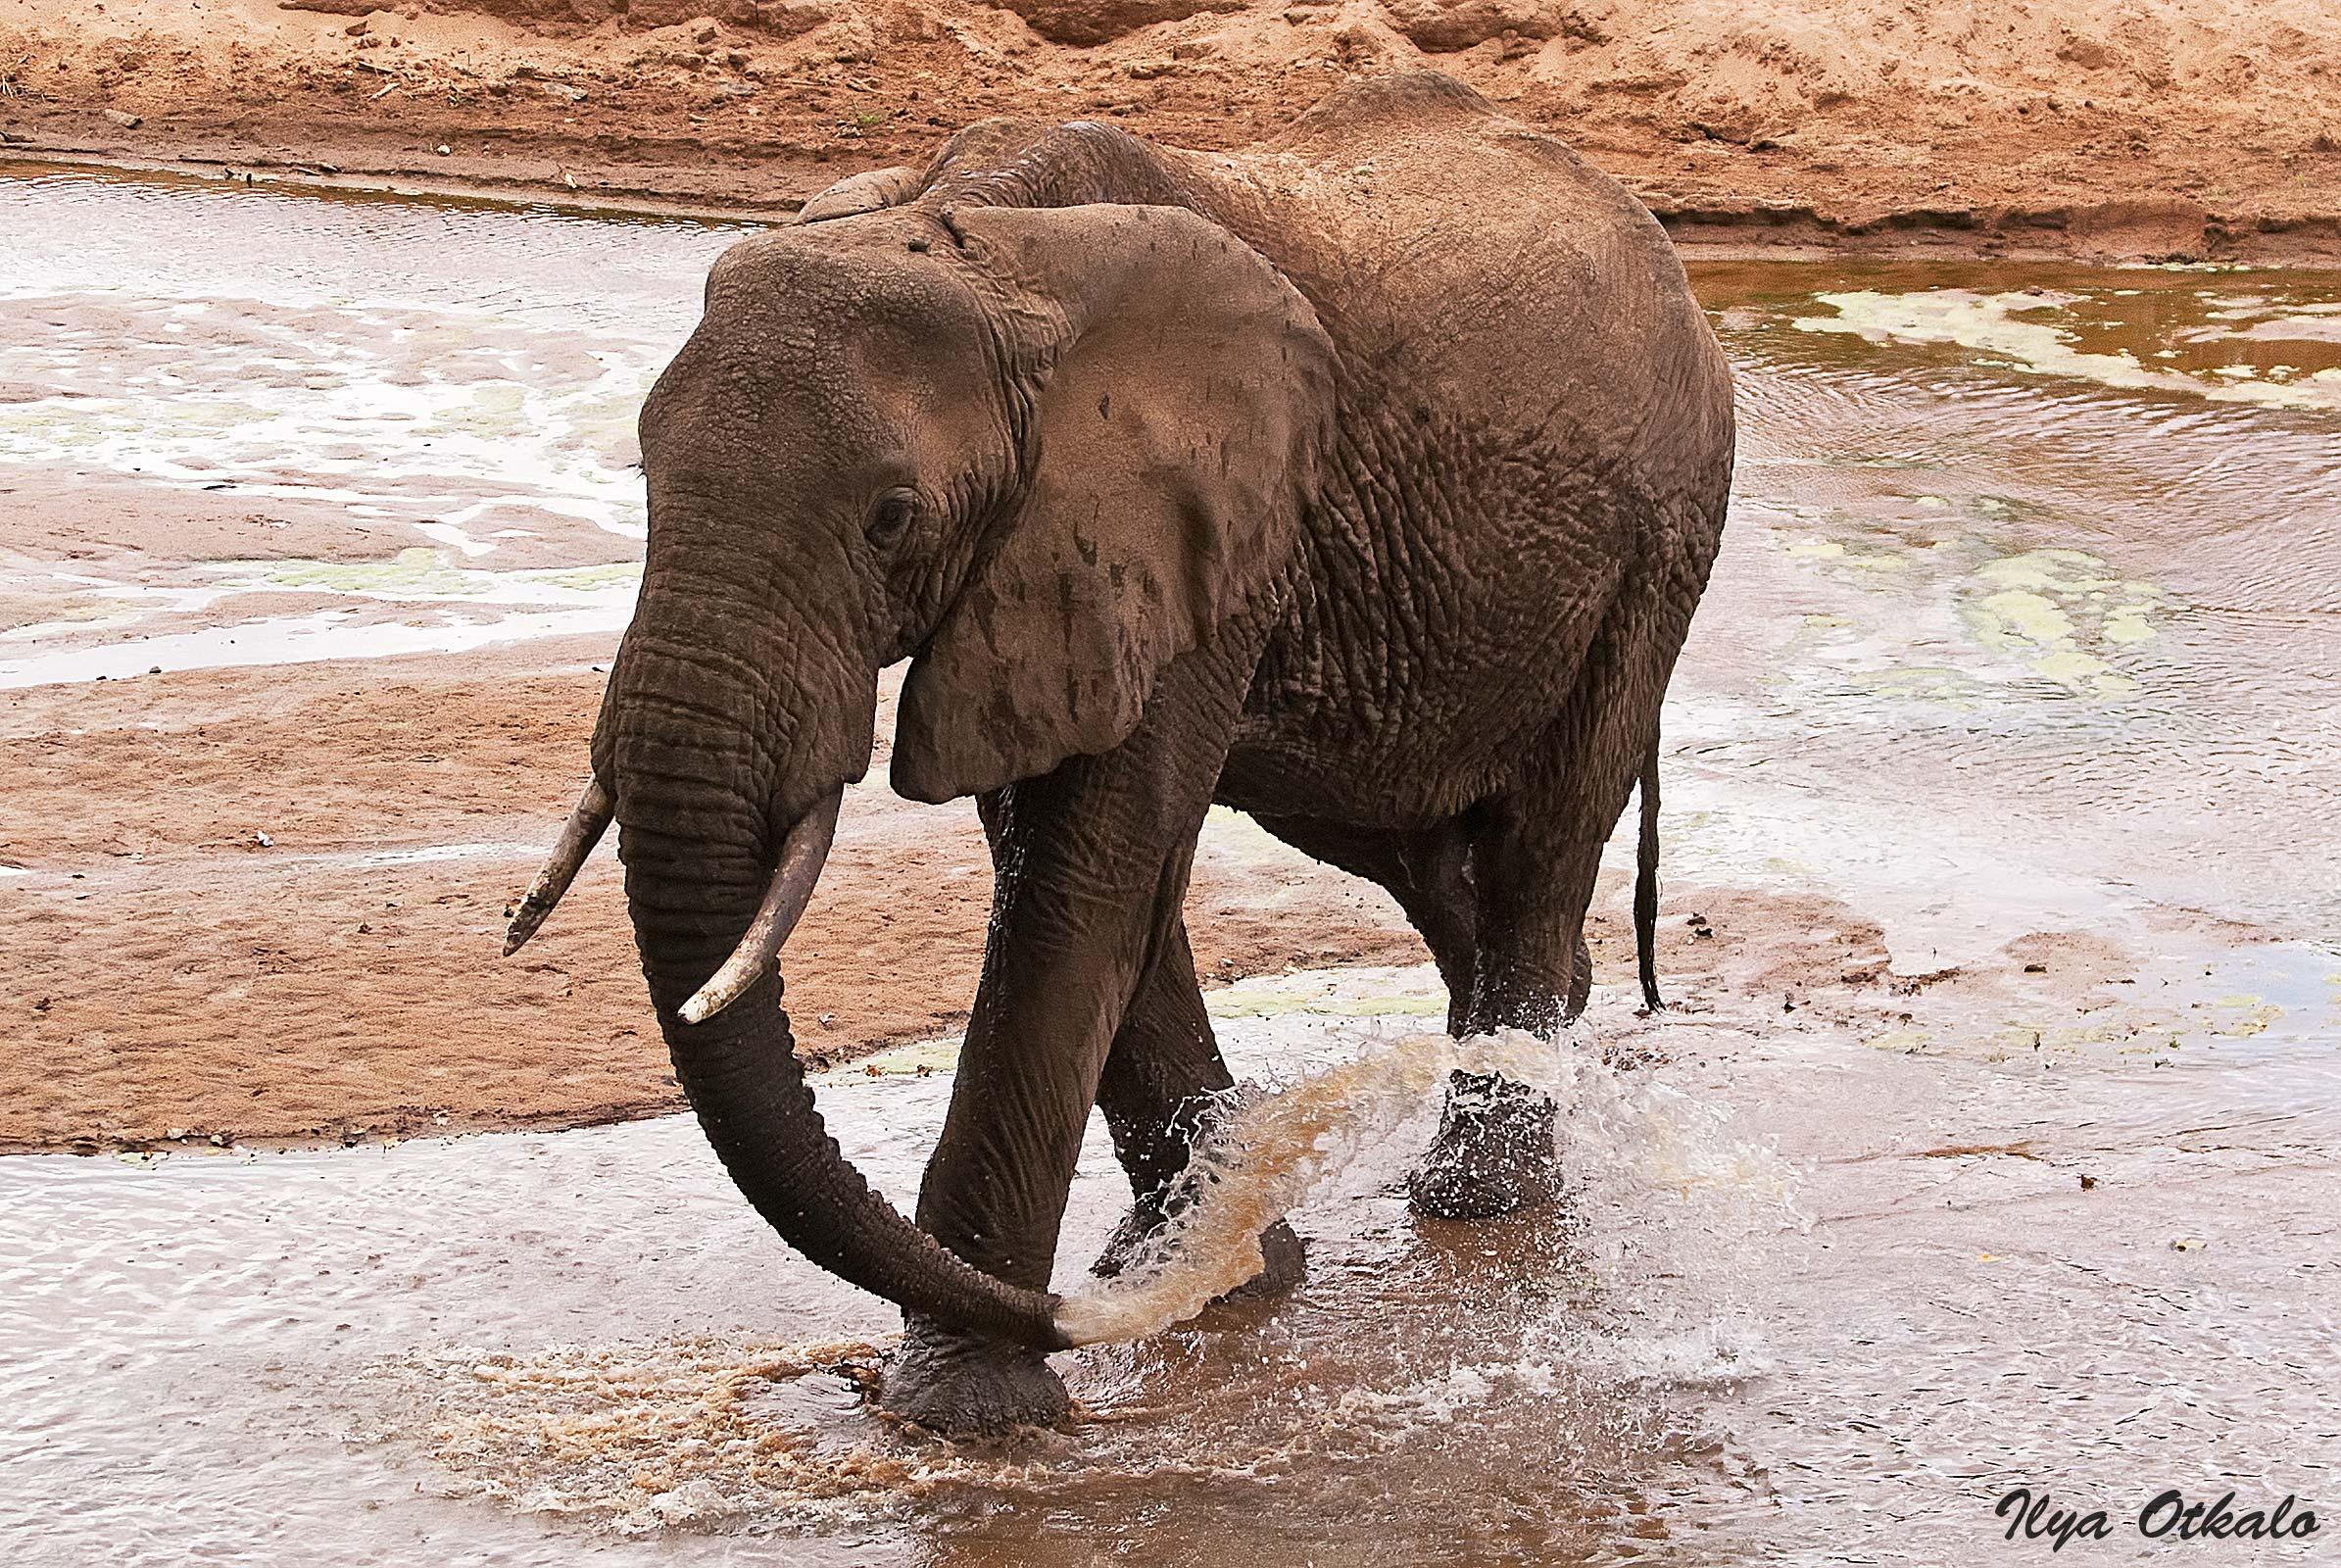 Кения, Национальный парк - заповедник Шаба. Слон.